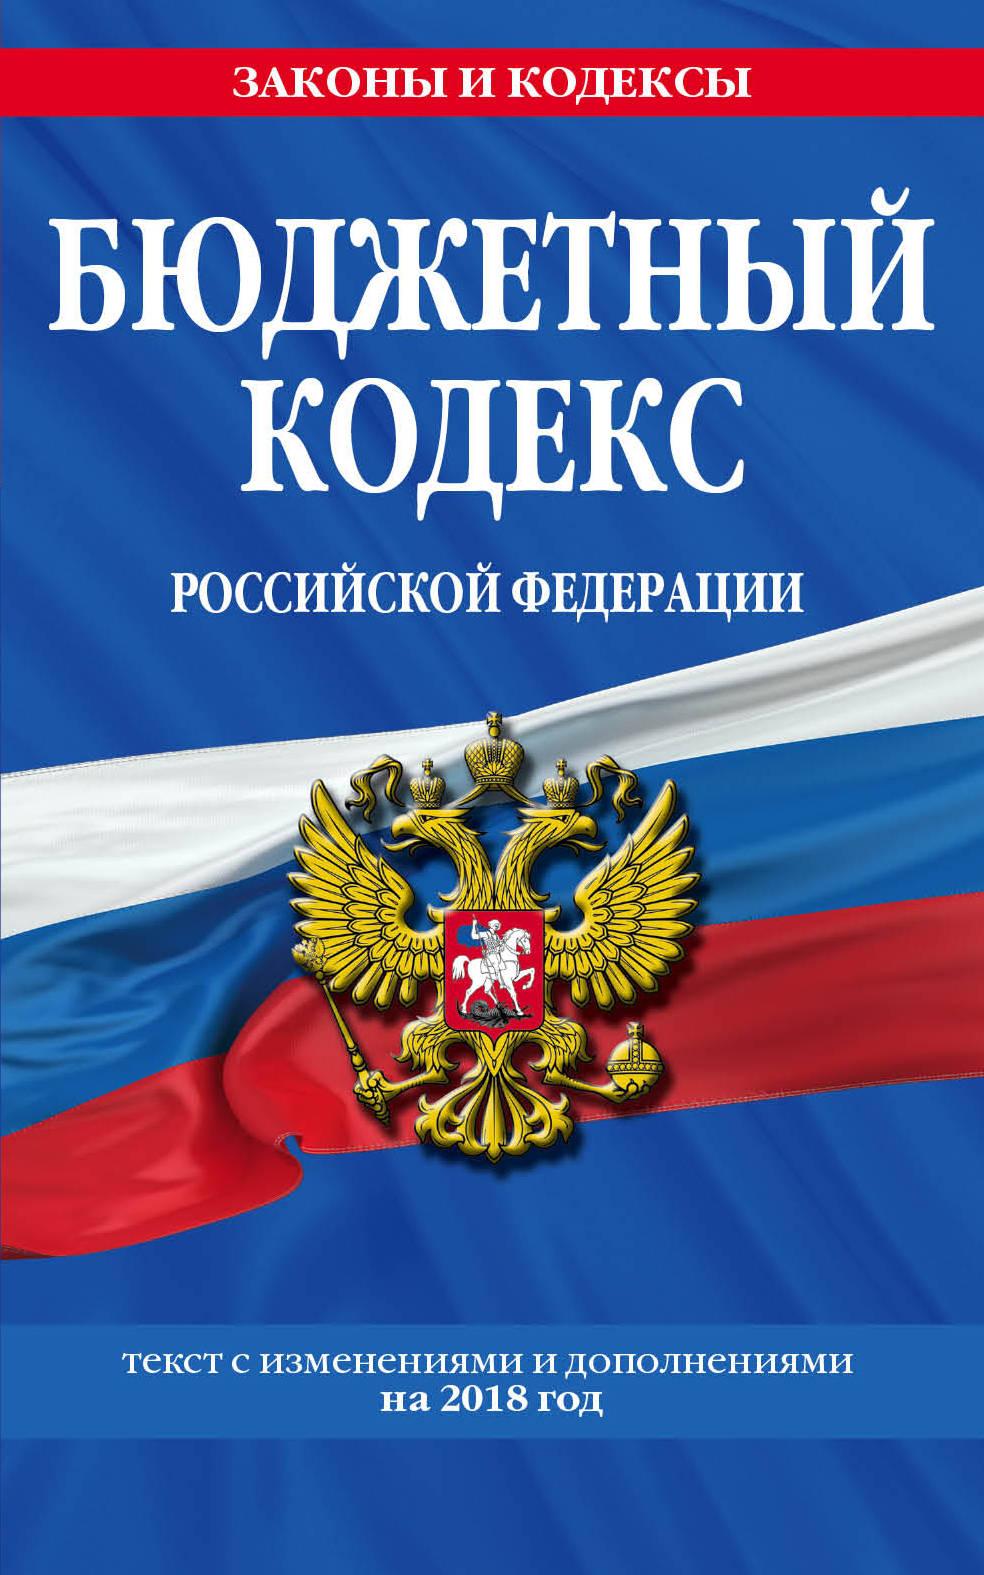 9785040921072 - Бюджетный кодекс Российской Федерации - Книга